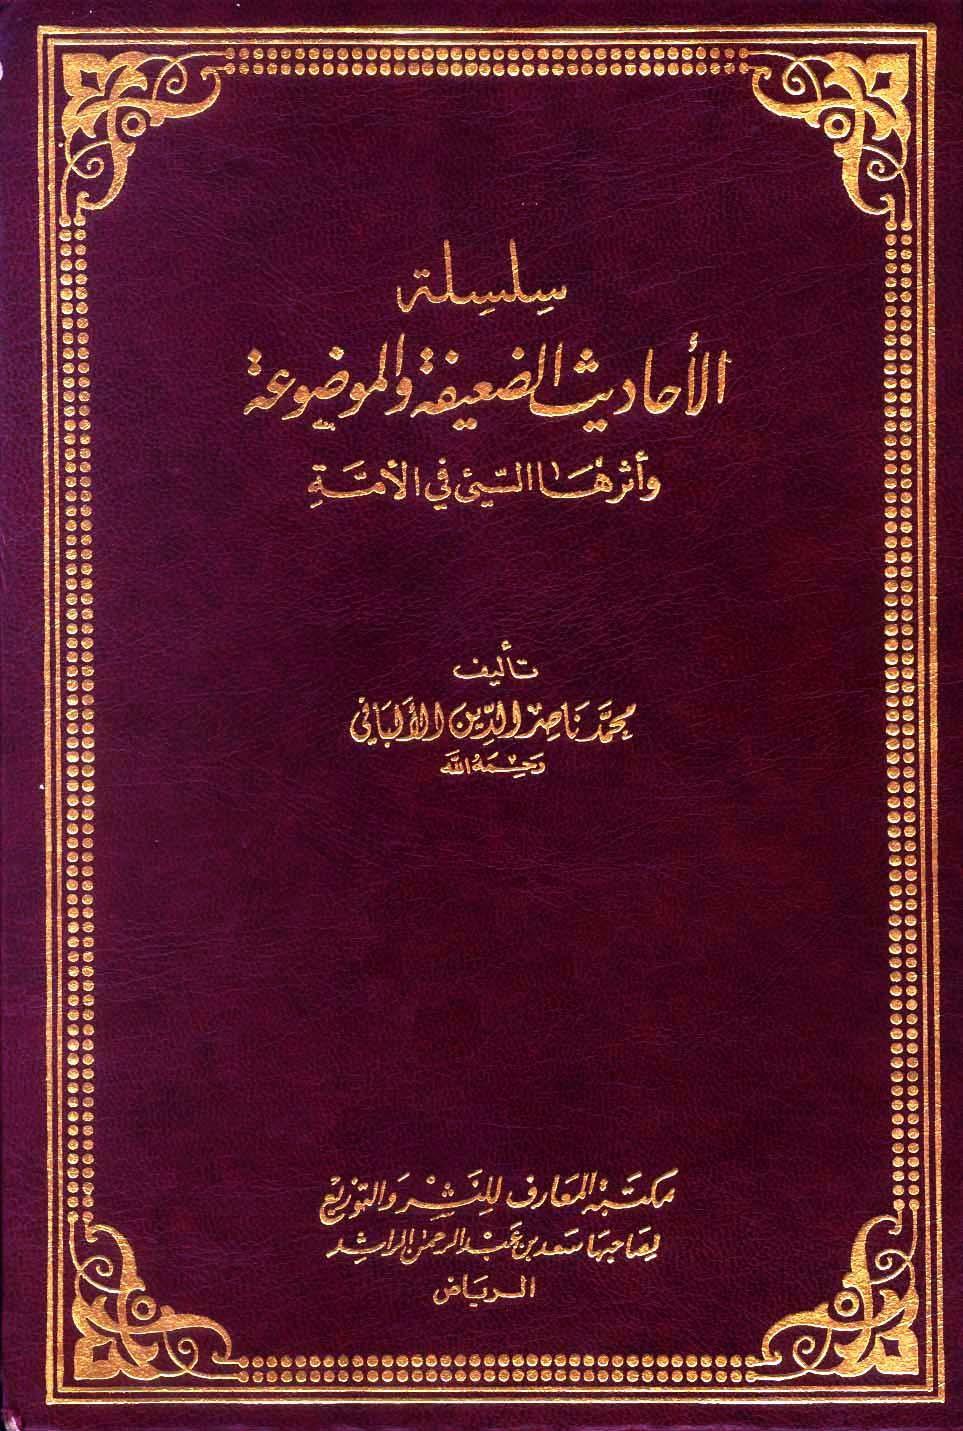 تحميل كتاب سلسلة الأحاديث الضعيفة والموضوعة ل محمد ناصر الدين الألباني Pdf